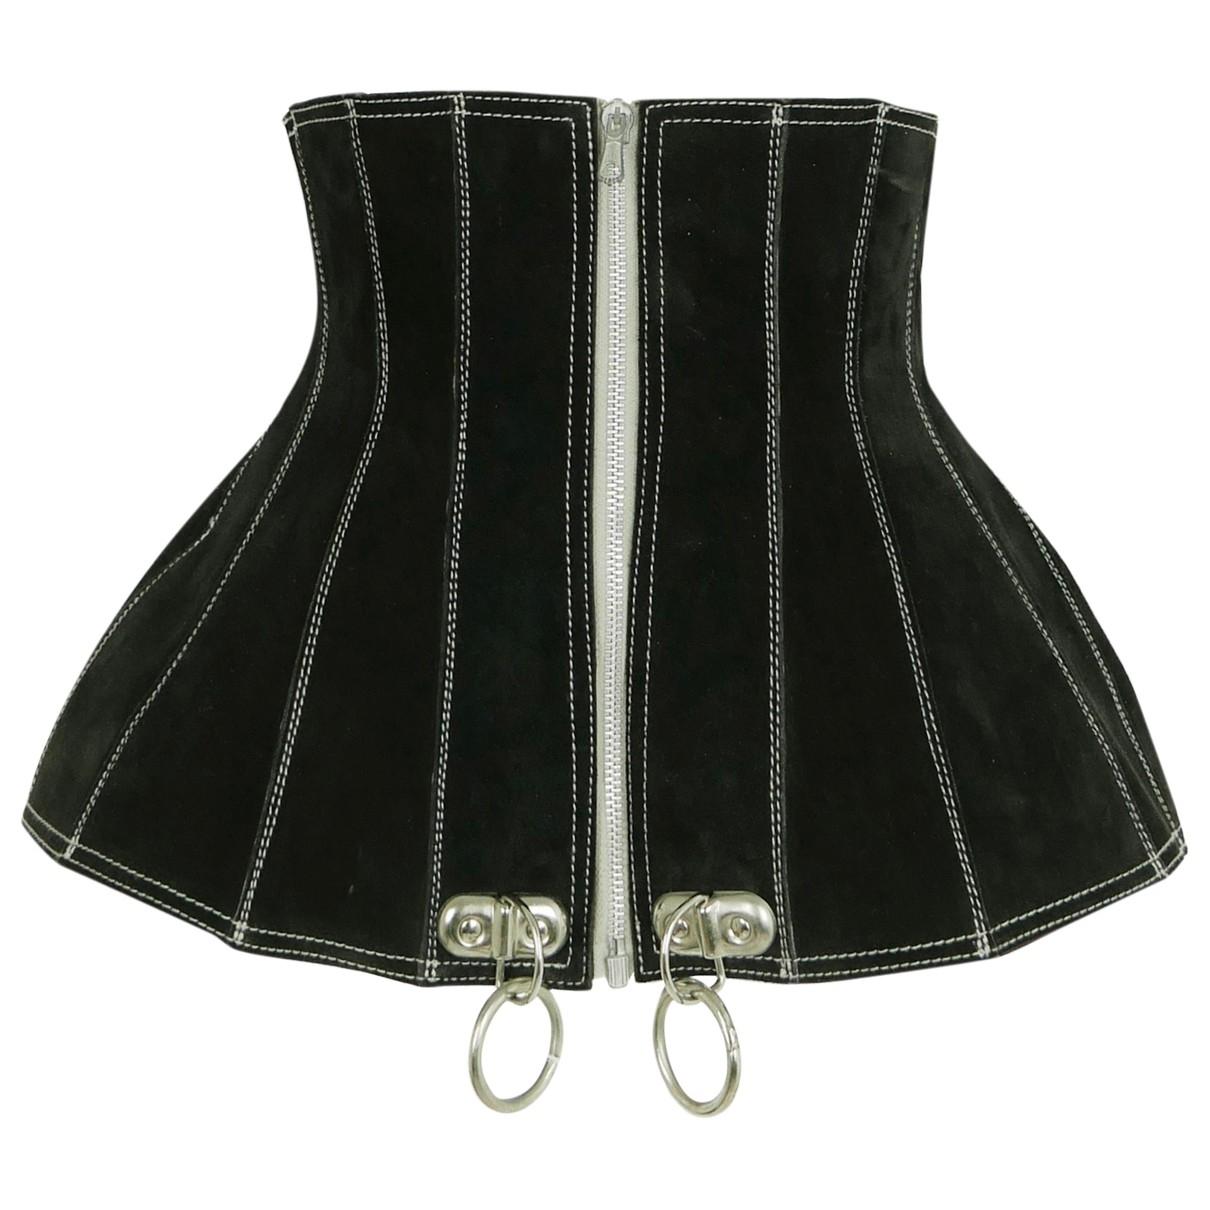 Cinturon Jean Paul Gaultier